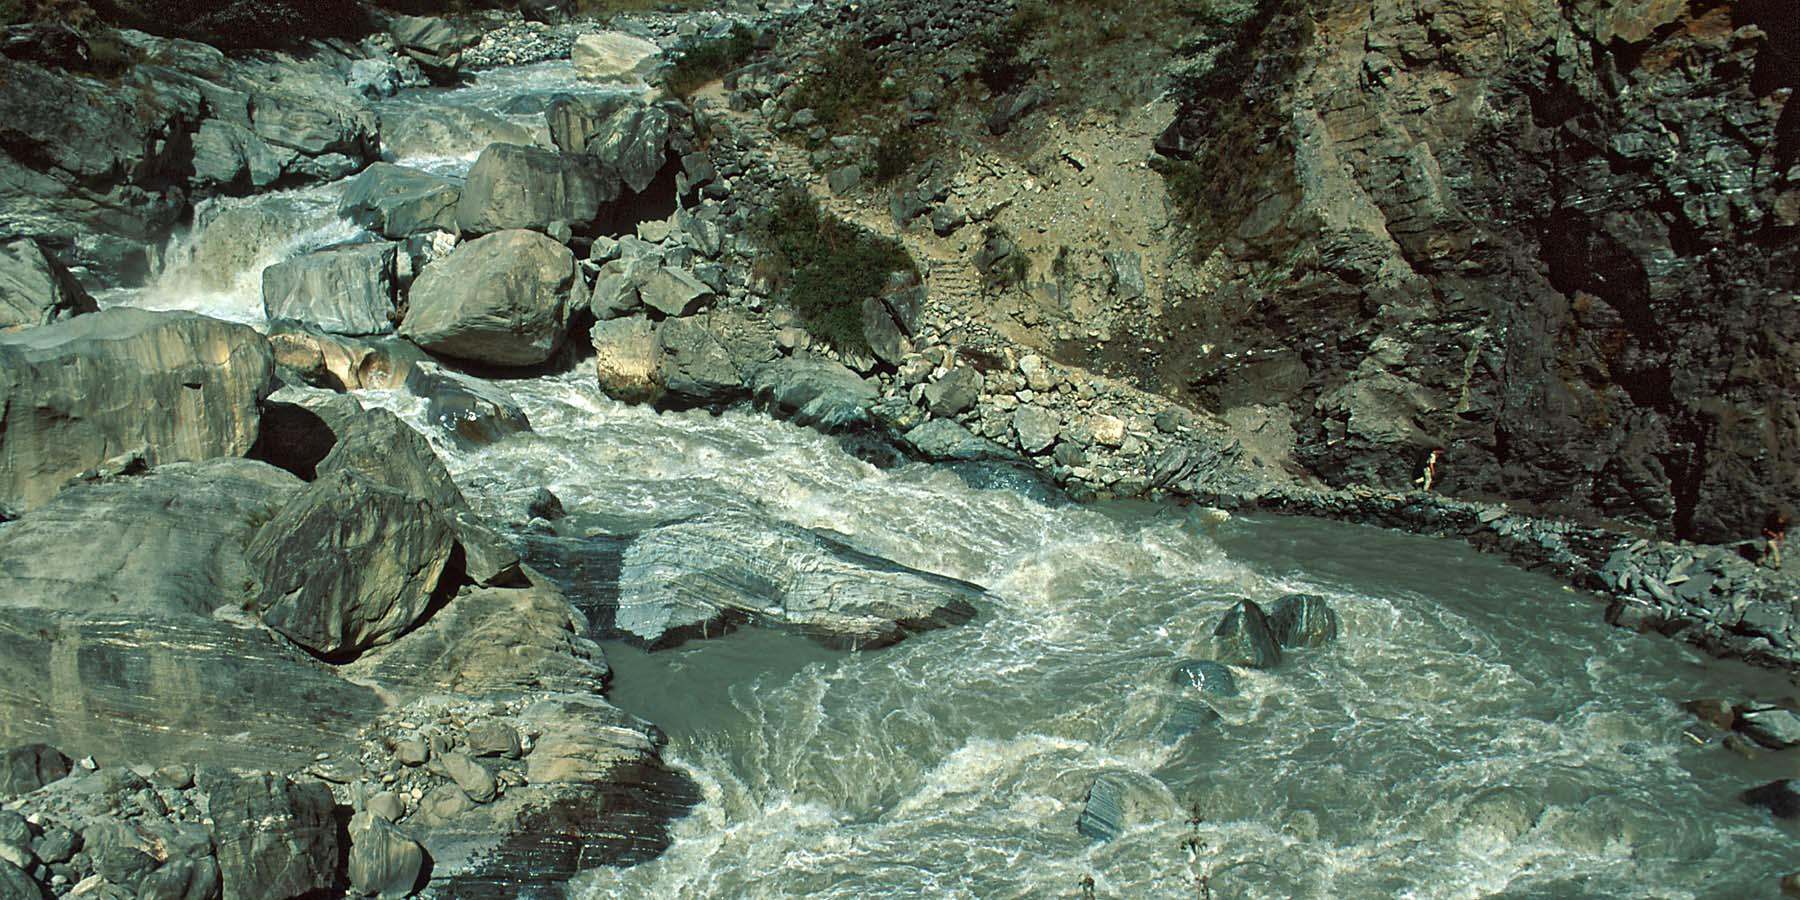 Panta rhei - alles ist im Fluss. Manchmal groß und mächtig ...